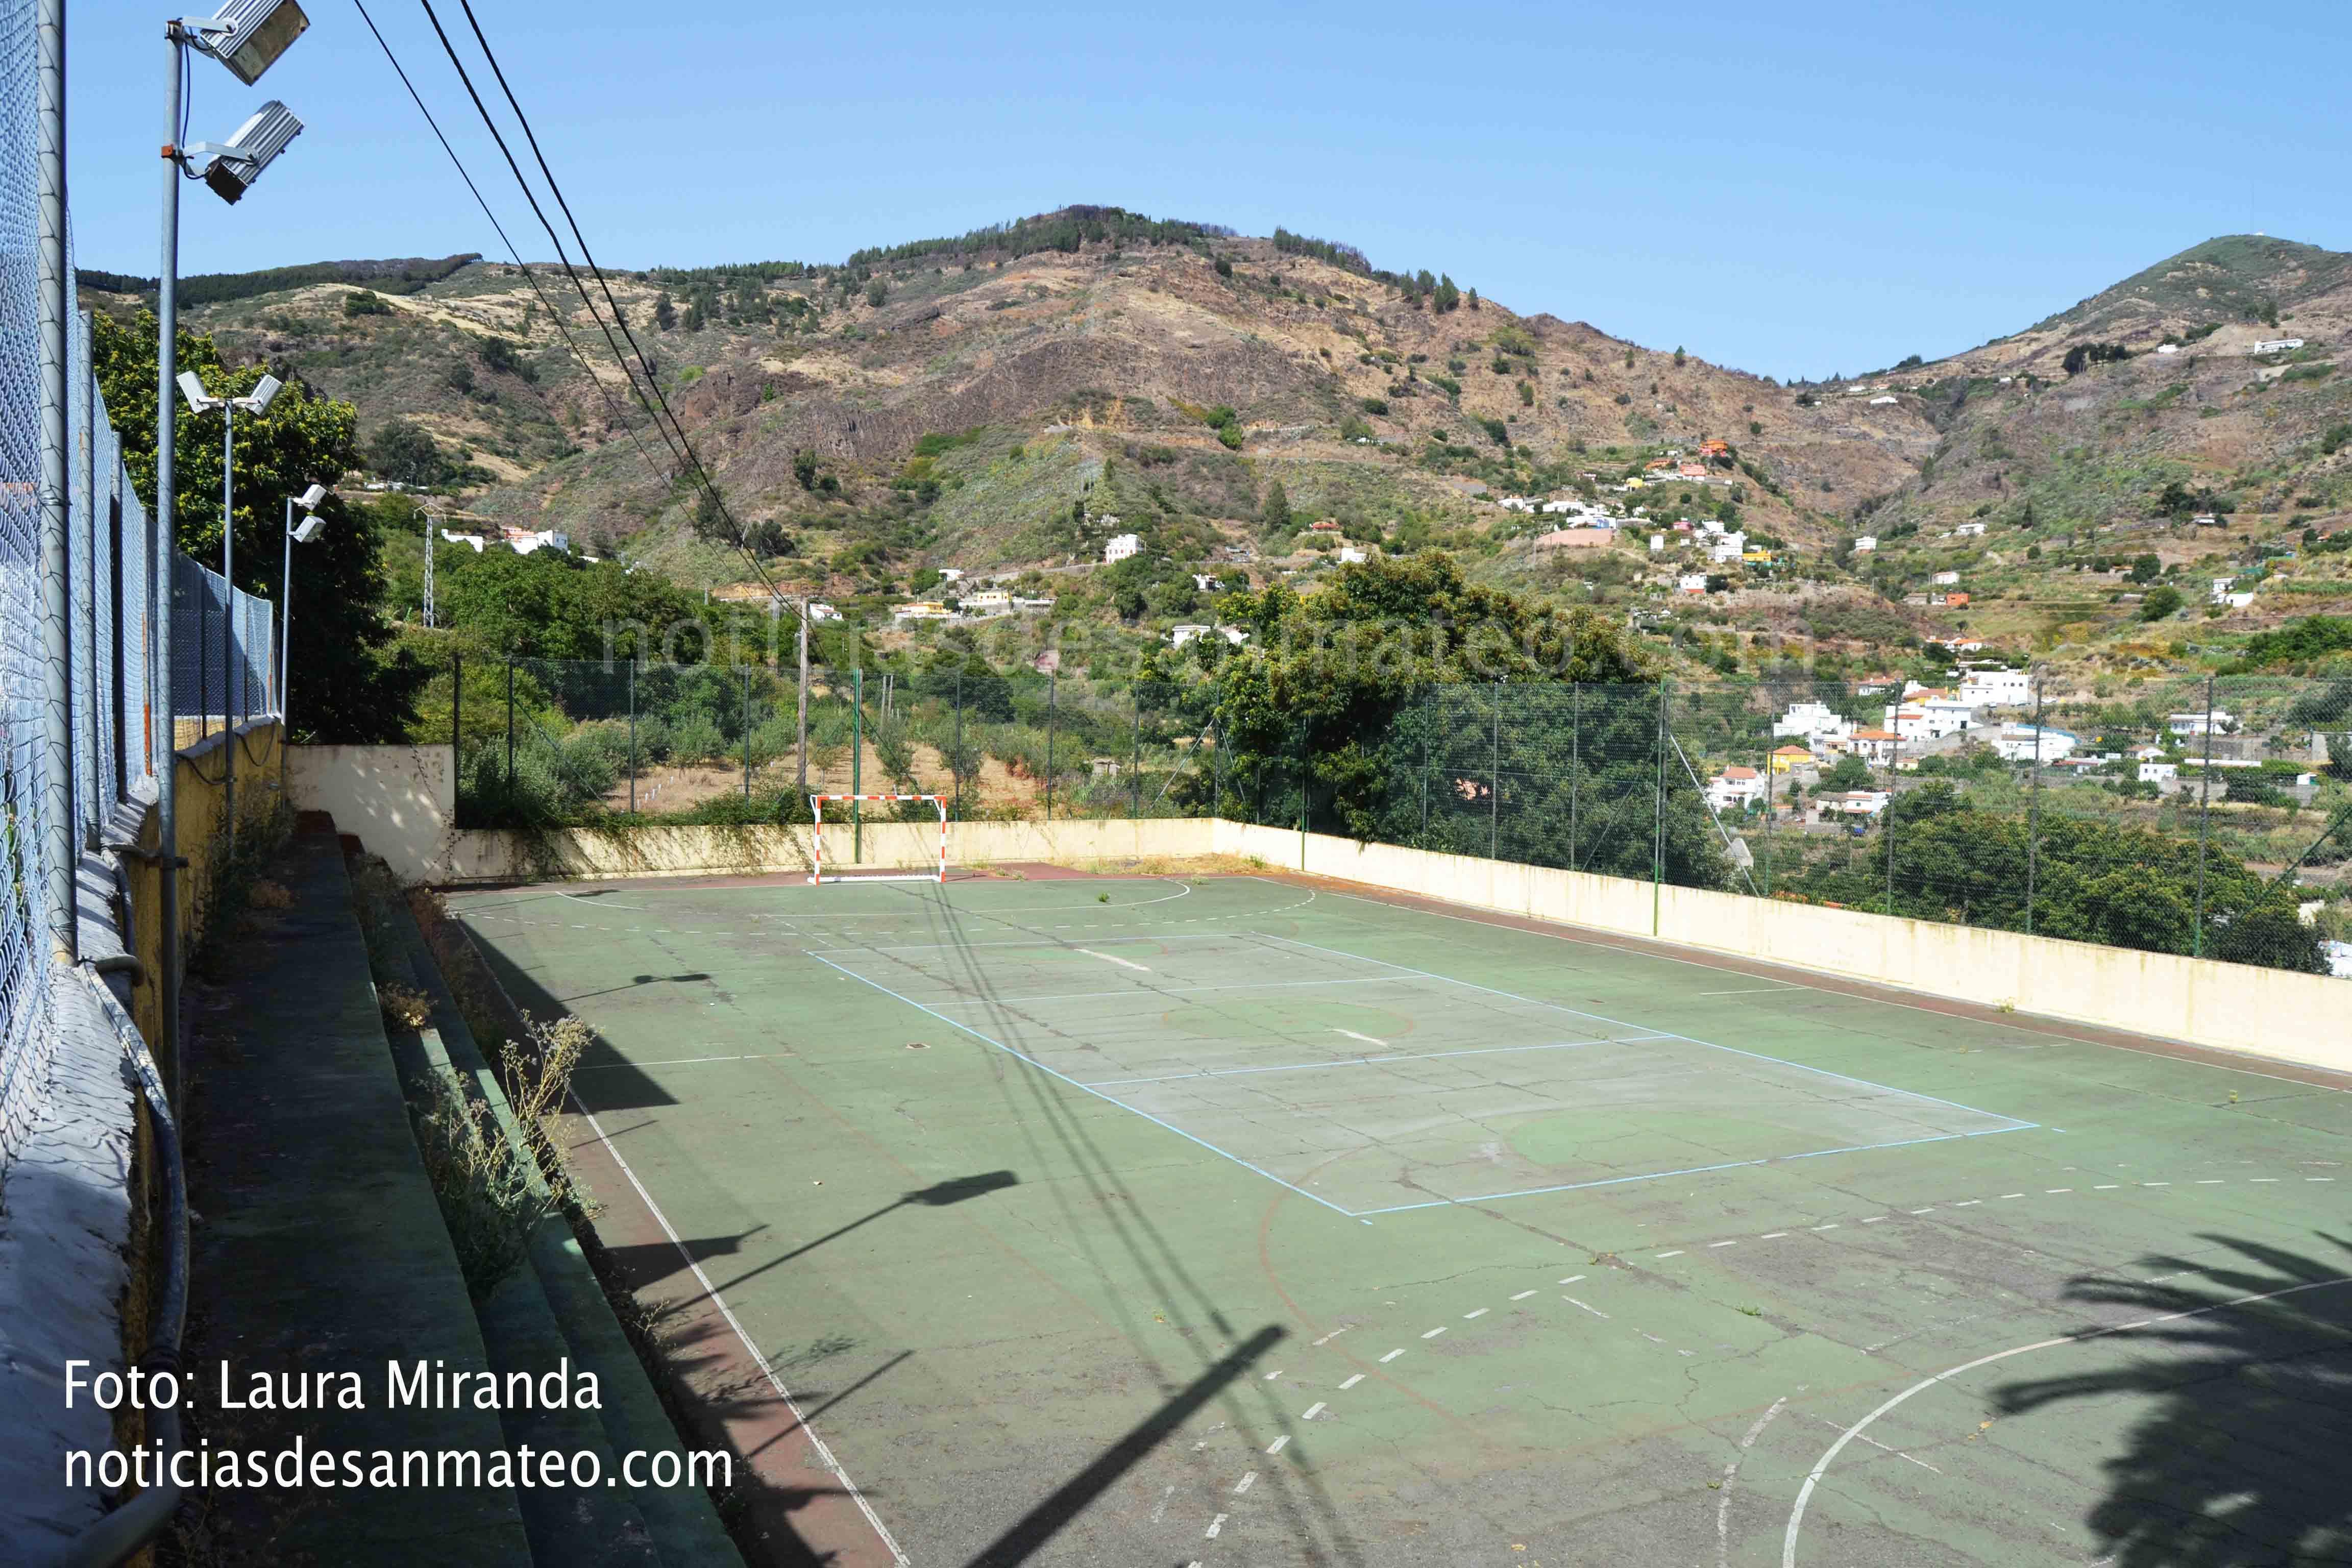 Colegio de Las Lagunetas cancha Foto Laura Miranda